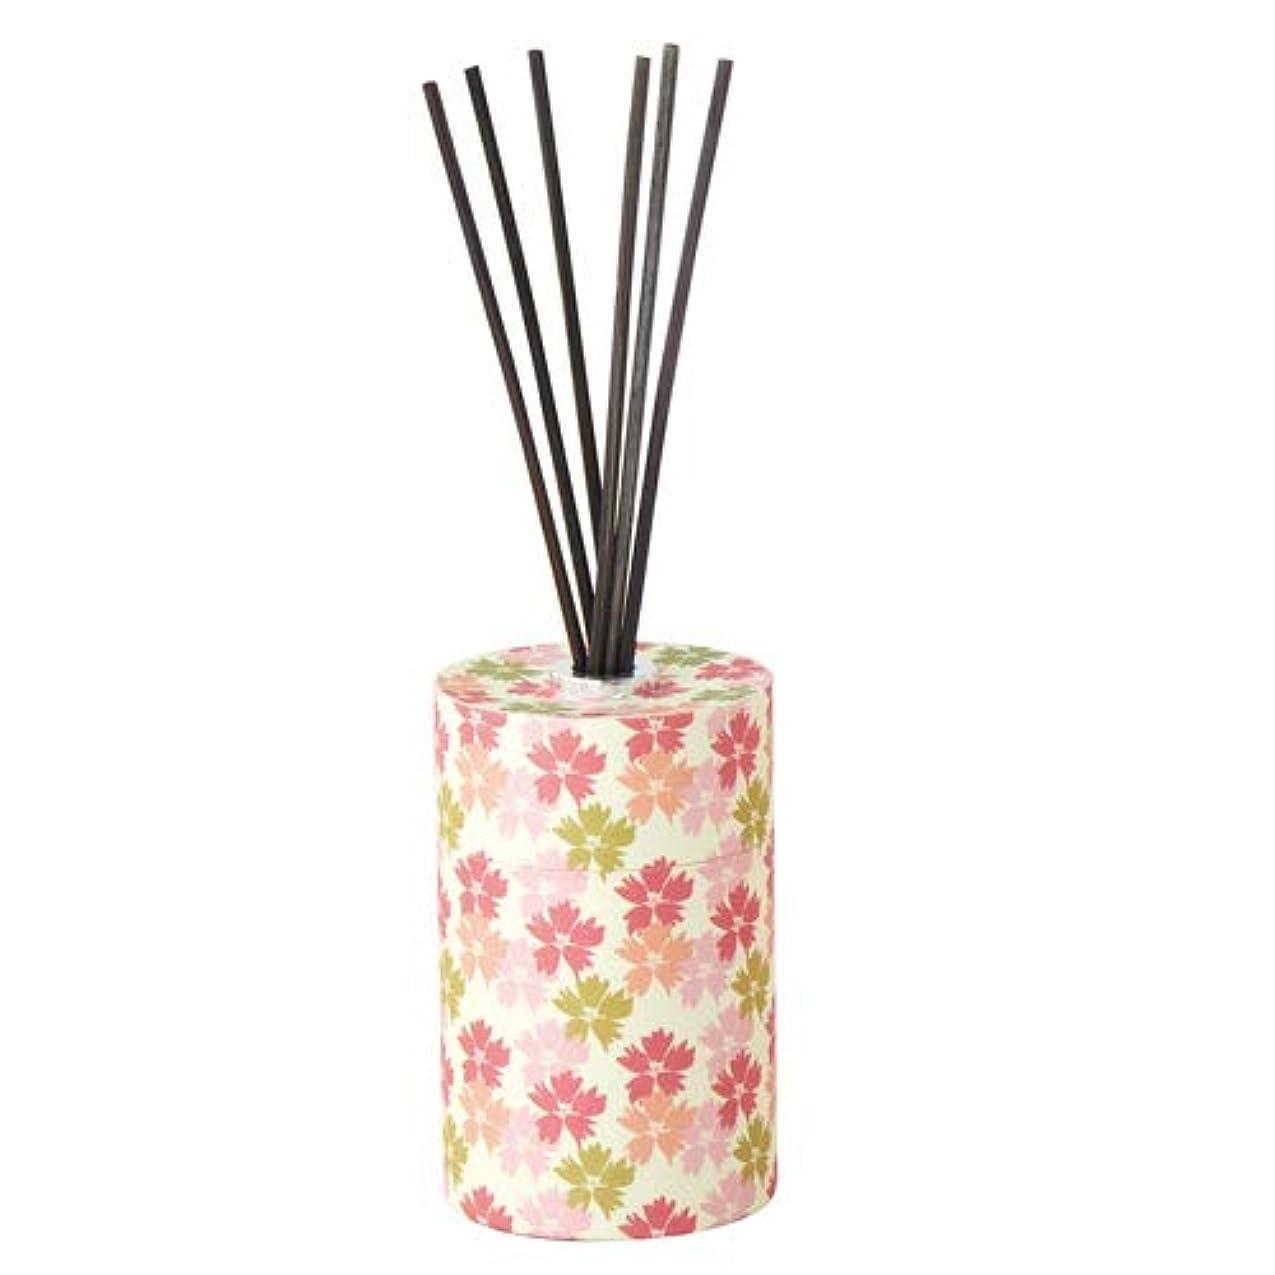 鉄道駅誕生課税和遊ディフューザー 桜の香り 1個